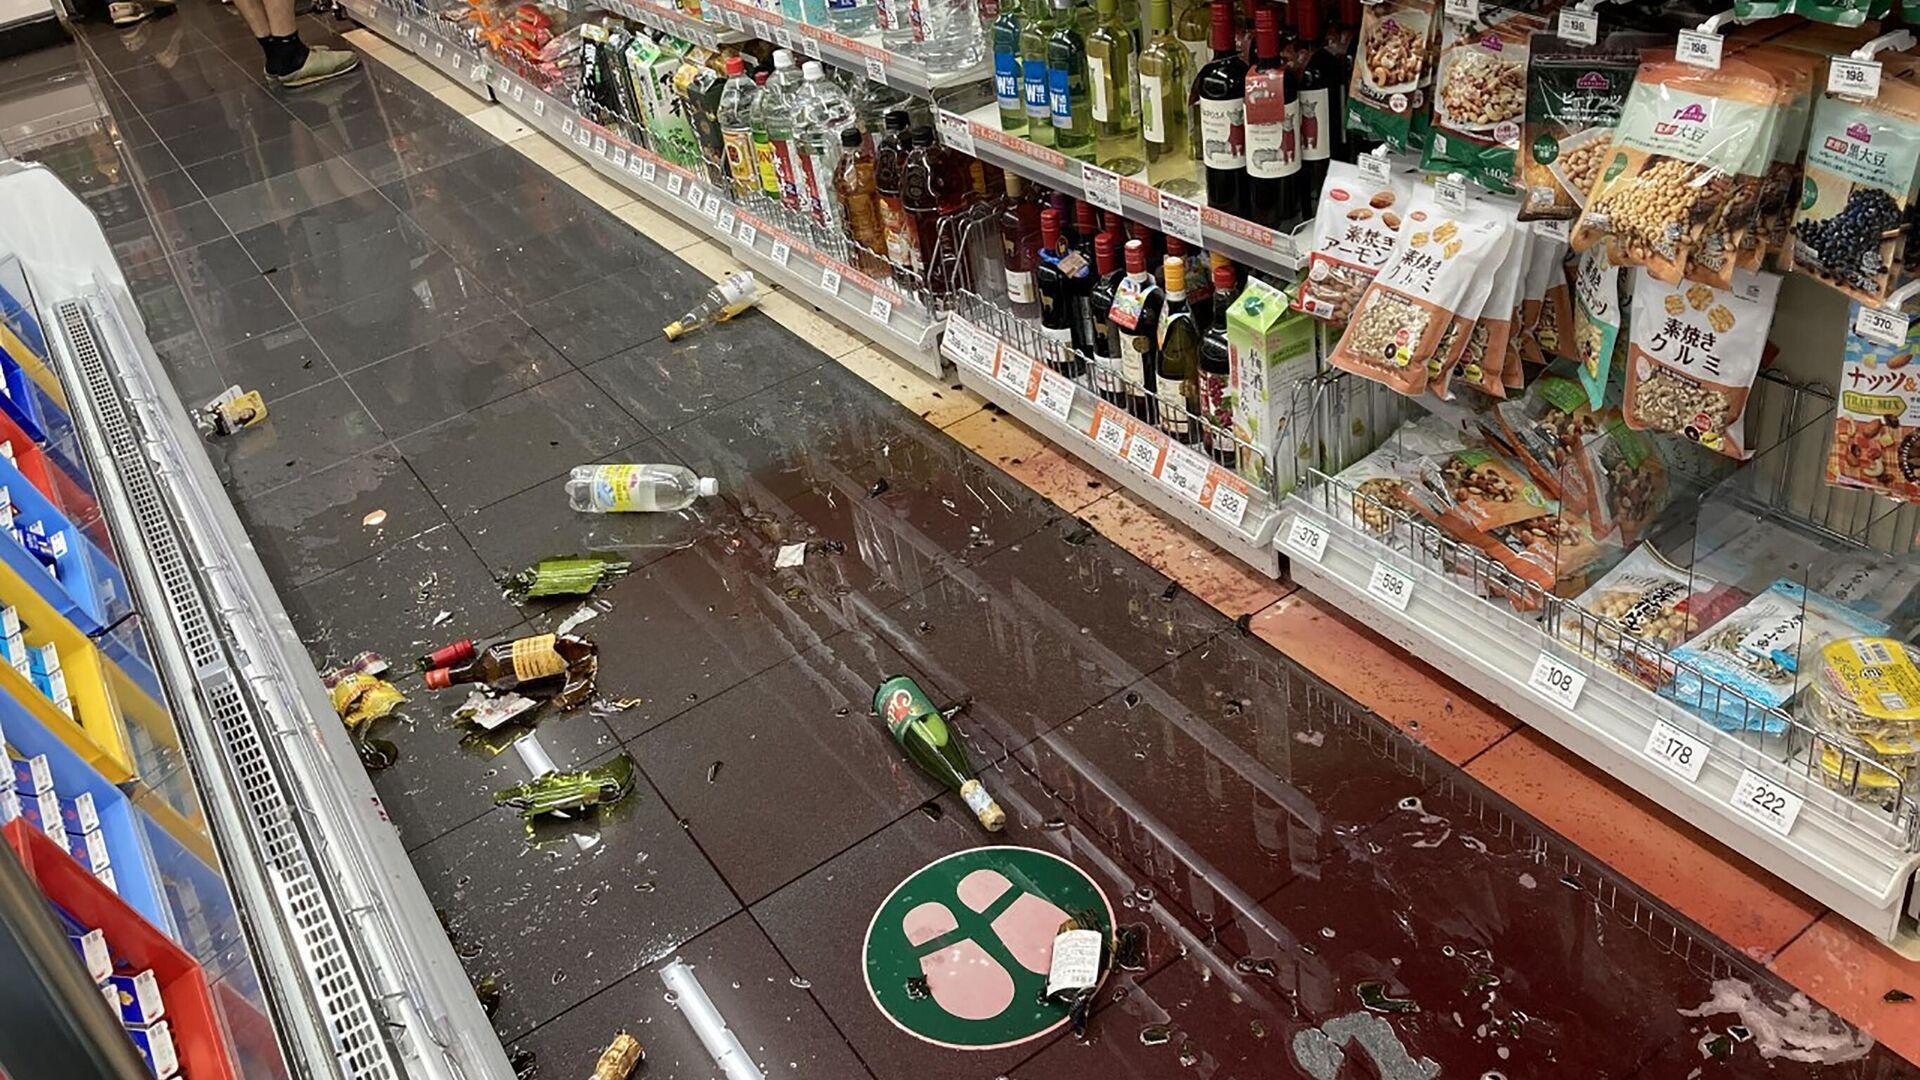 Повреждения в продуктовом магазине в Токио после землетрясения силой 6,1 балла - РИА Новости, 1920, 07.10.2021